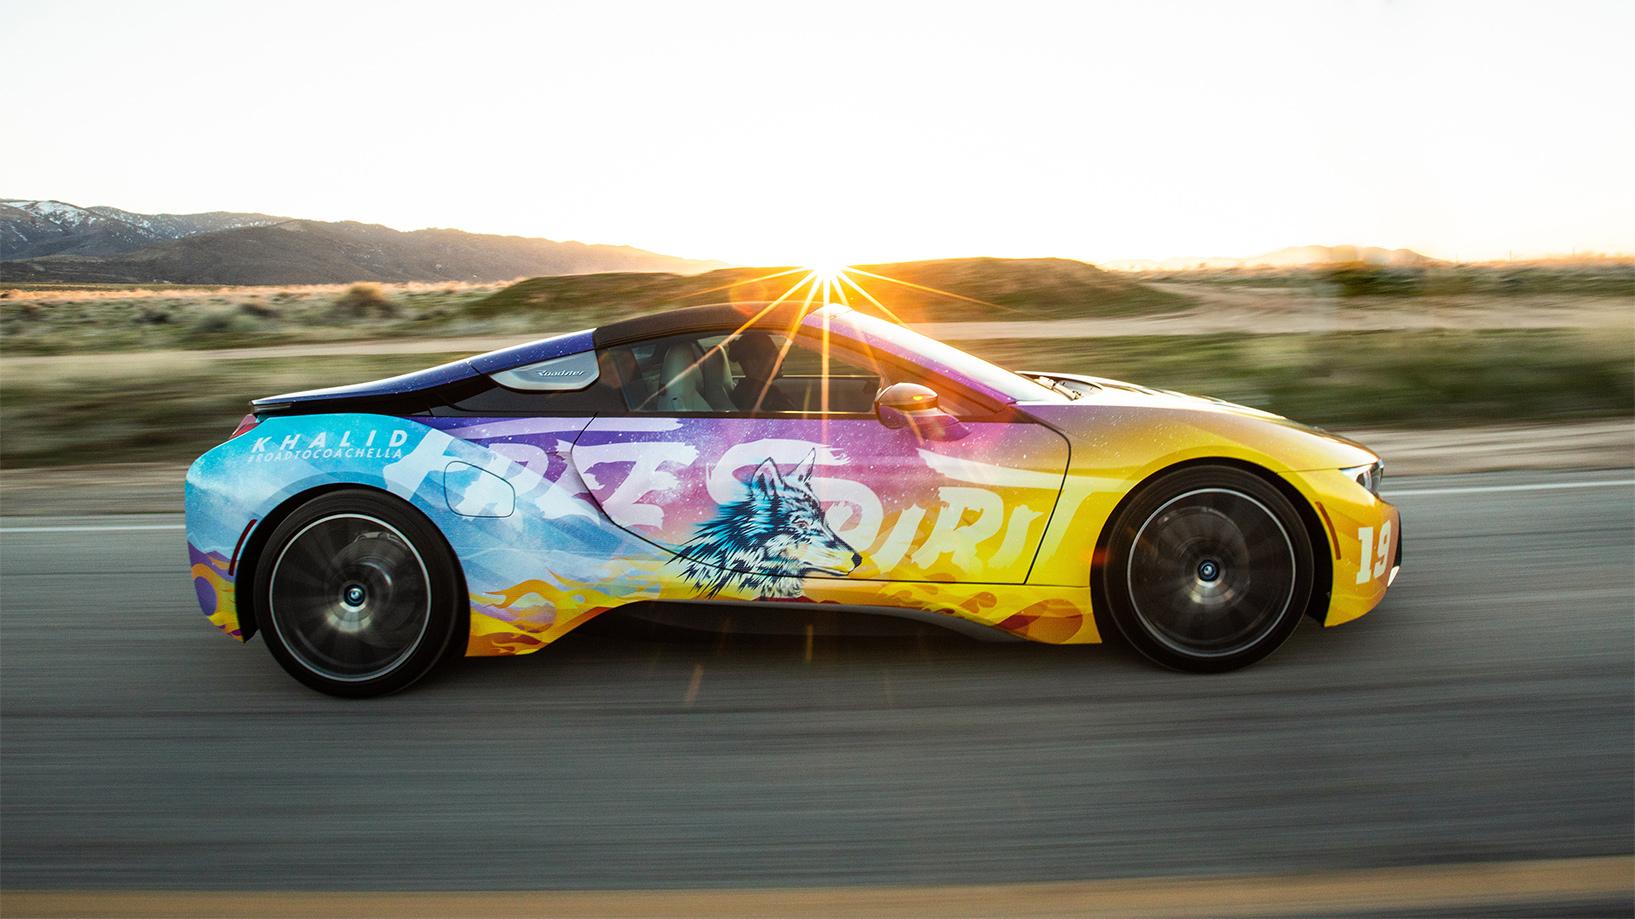 TrackWorthy - BMW i8 Coachella (3)